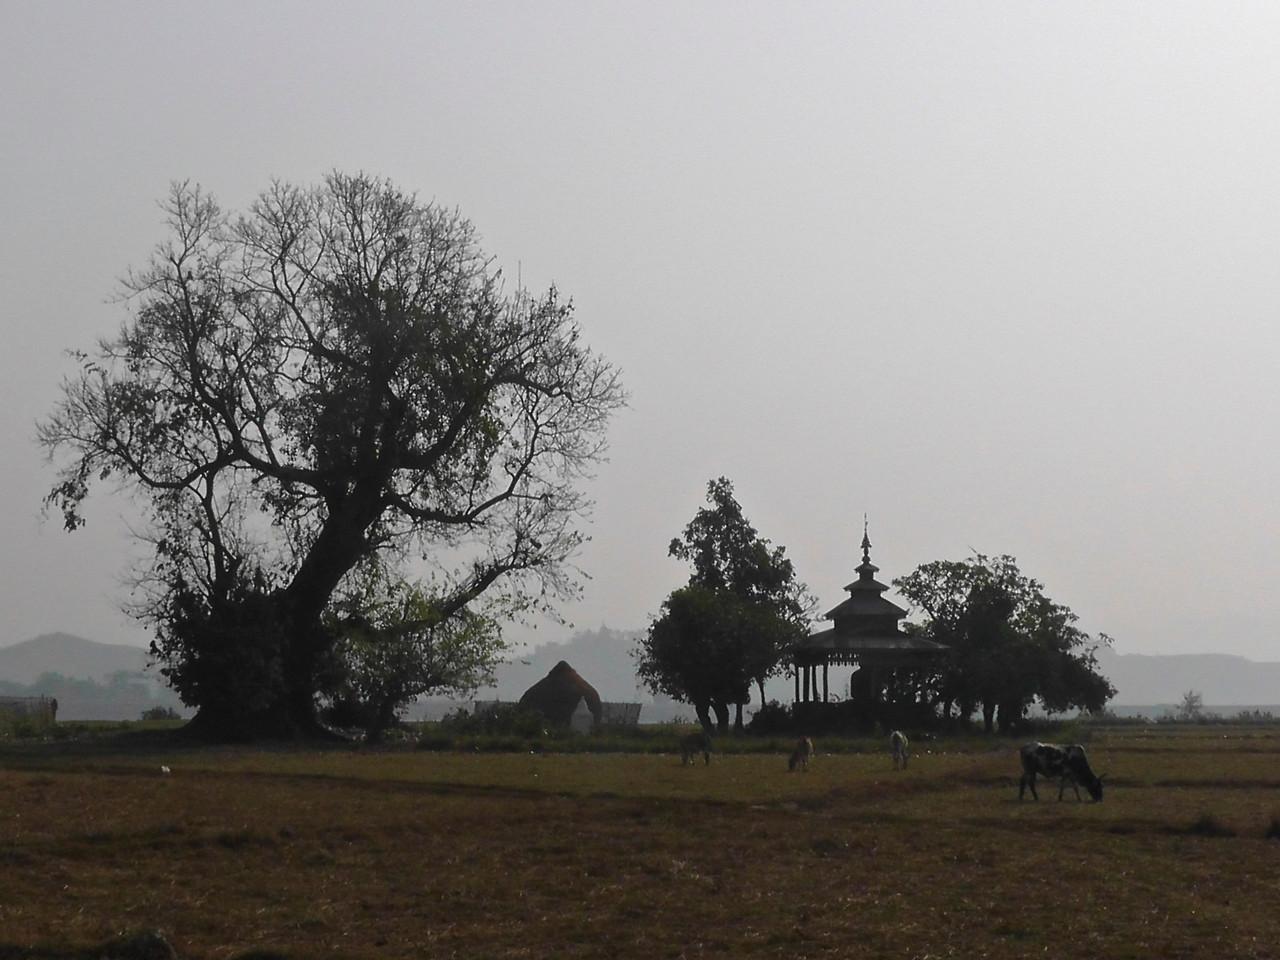 Burma-Arakan-Lemro River 264